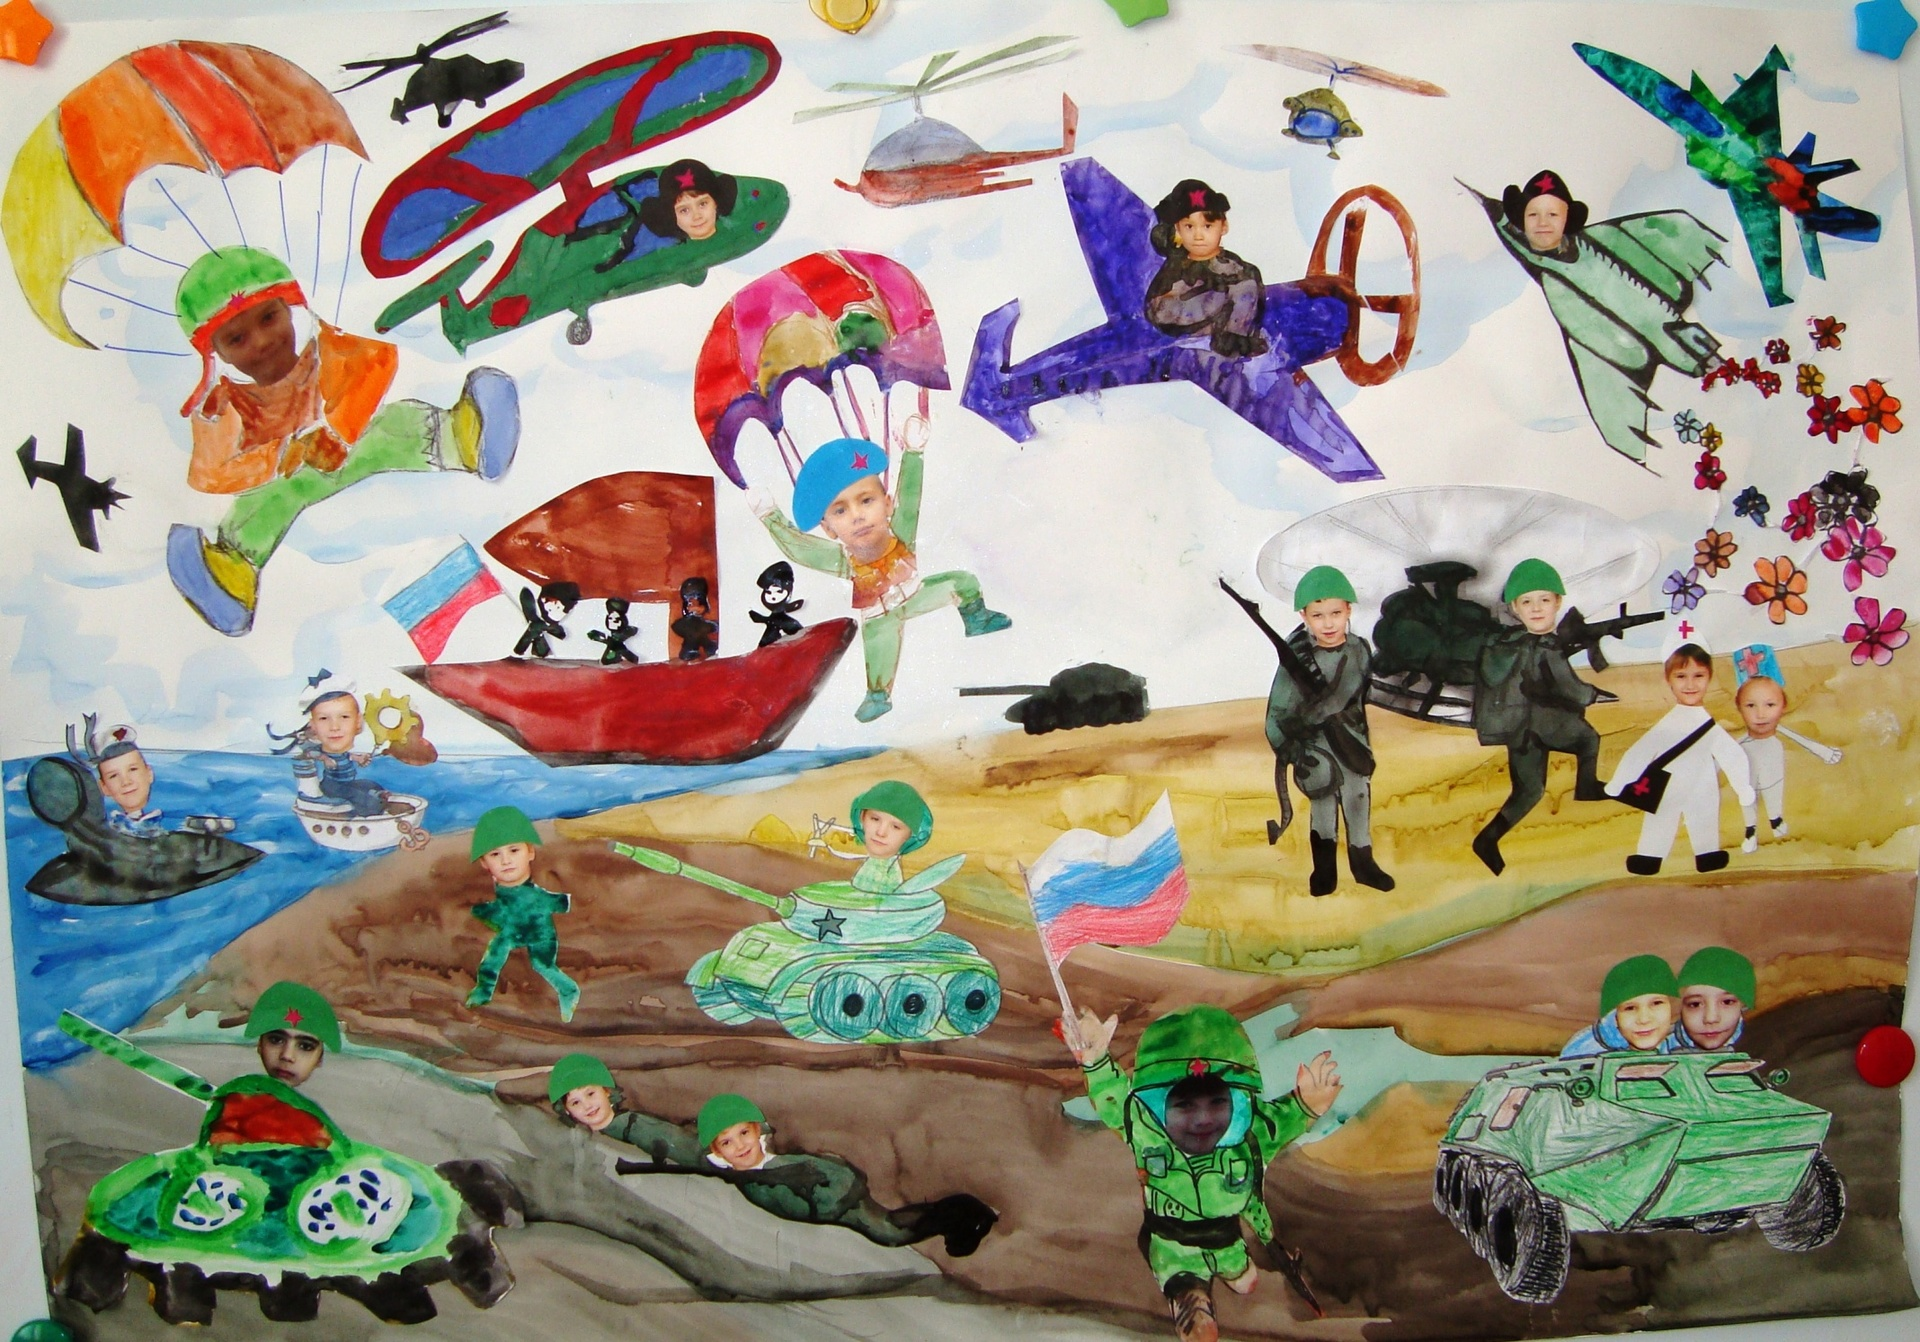 Прикольные картинки на стенгазету, анимации